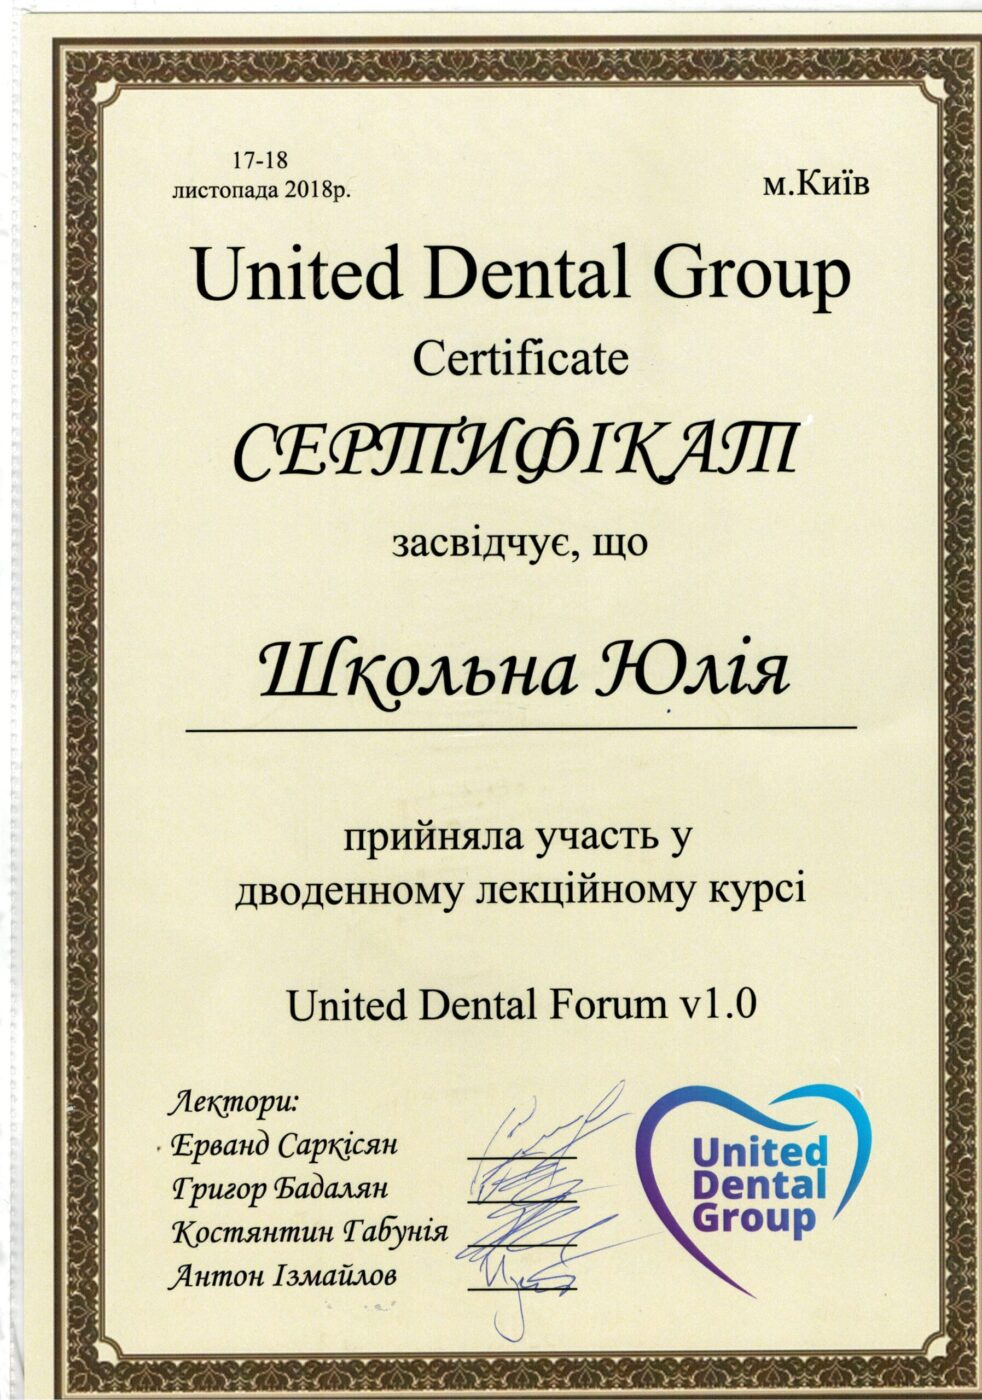 Сертифікат дитячого лікаря стоматолога Шкільної Юлії Анатоліївни об участі укурсі (United Dental Forum v1.0)